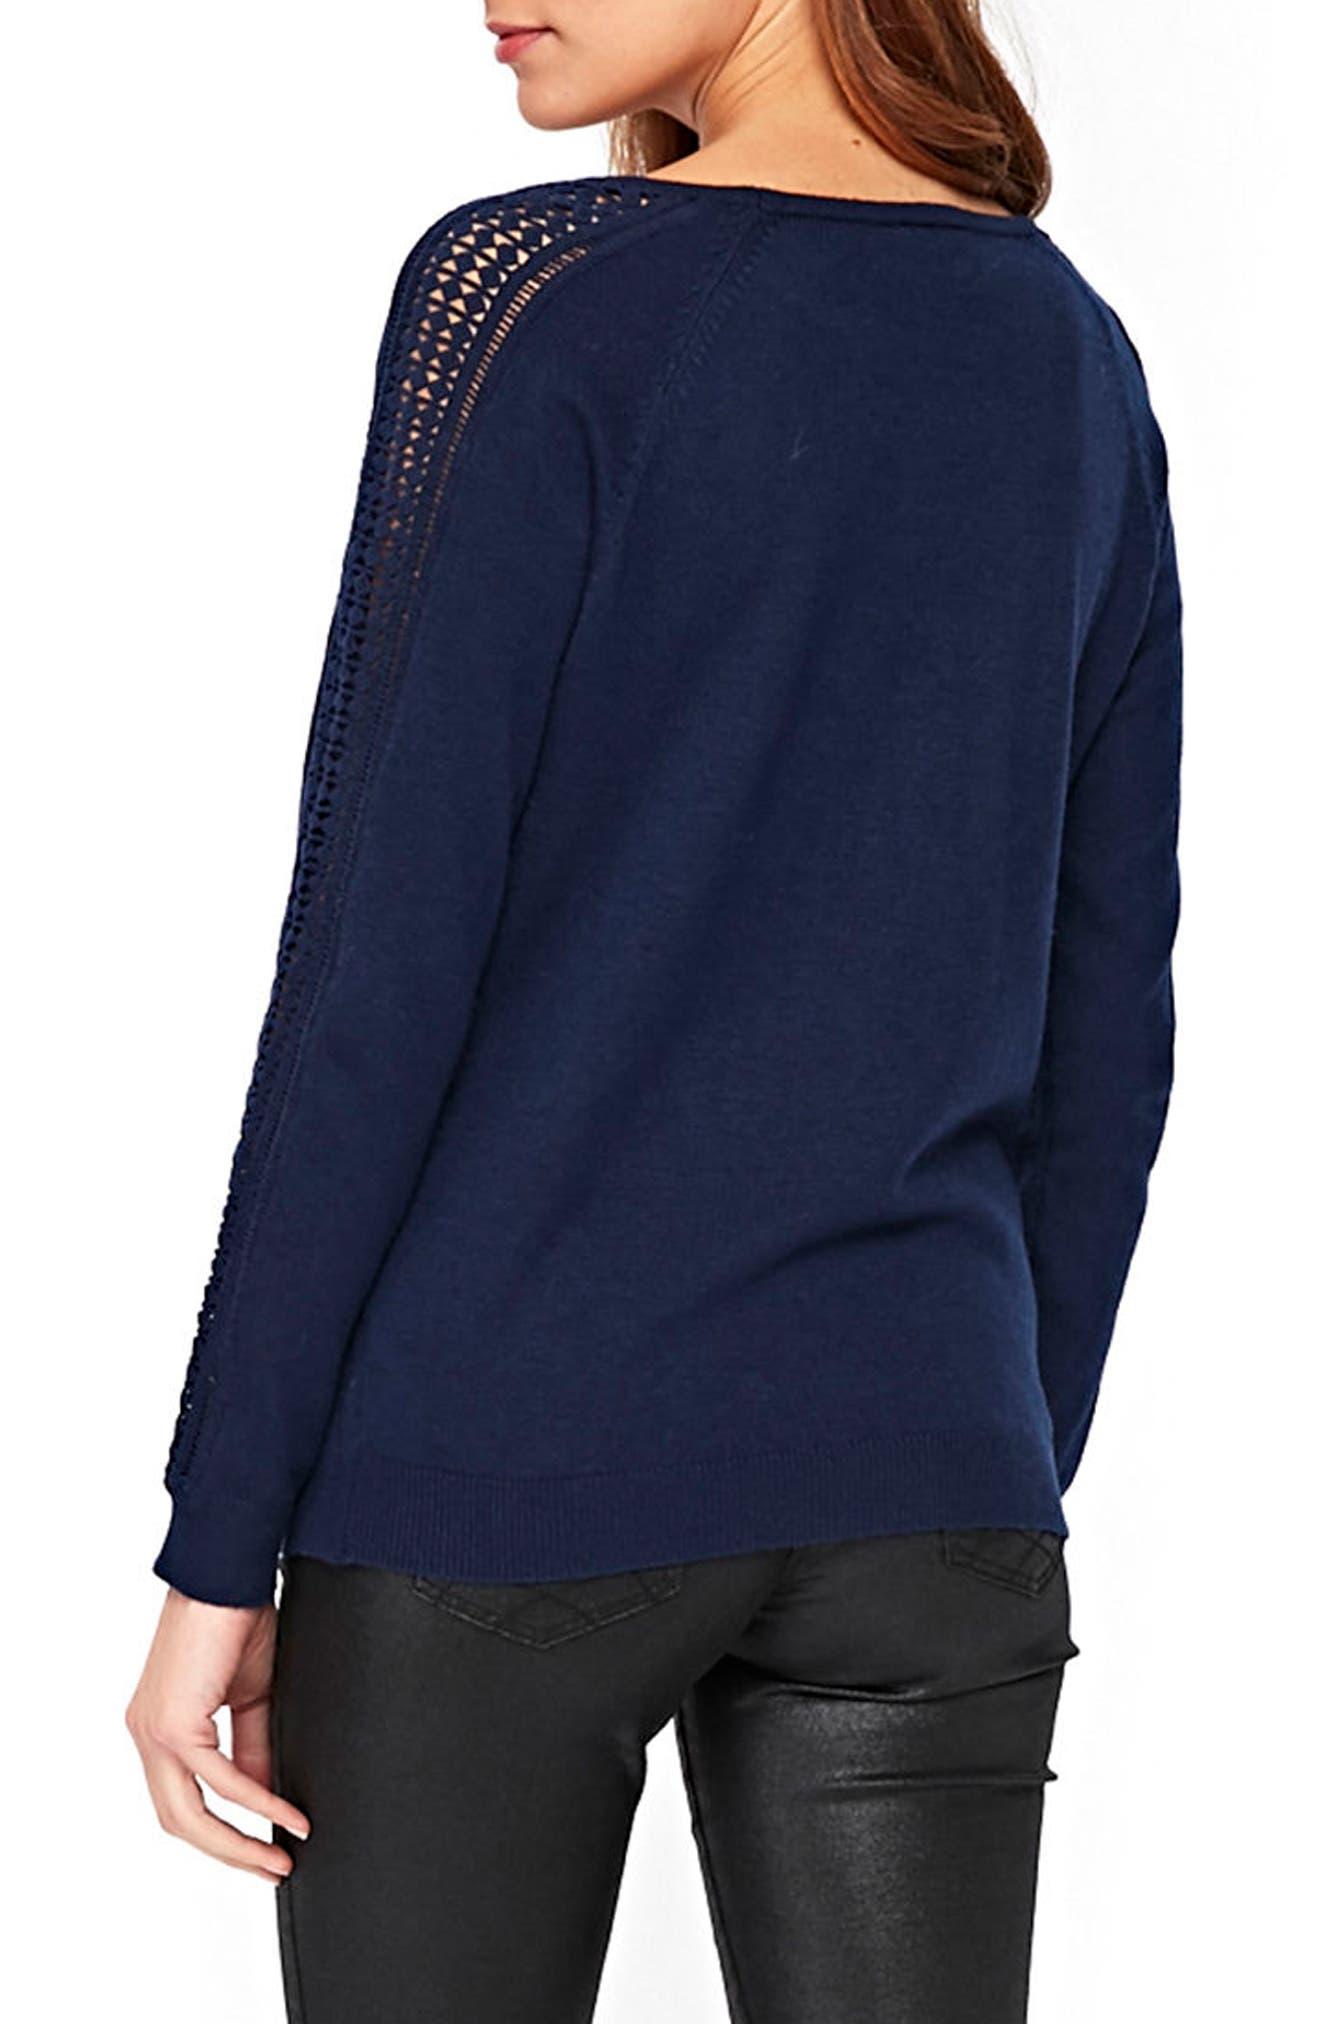 Lace Trim Sweater,                             Alternate thumbnail 2, color,                             400